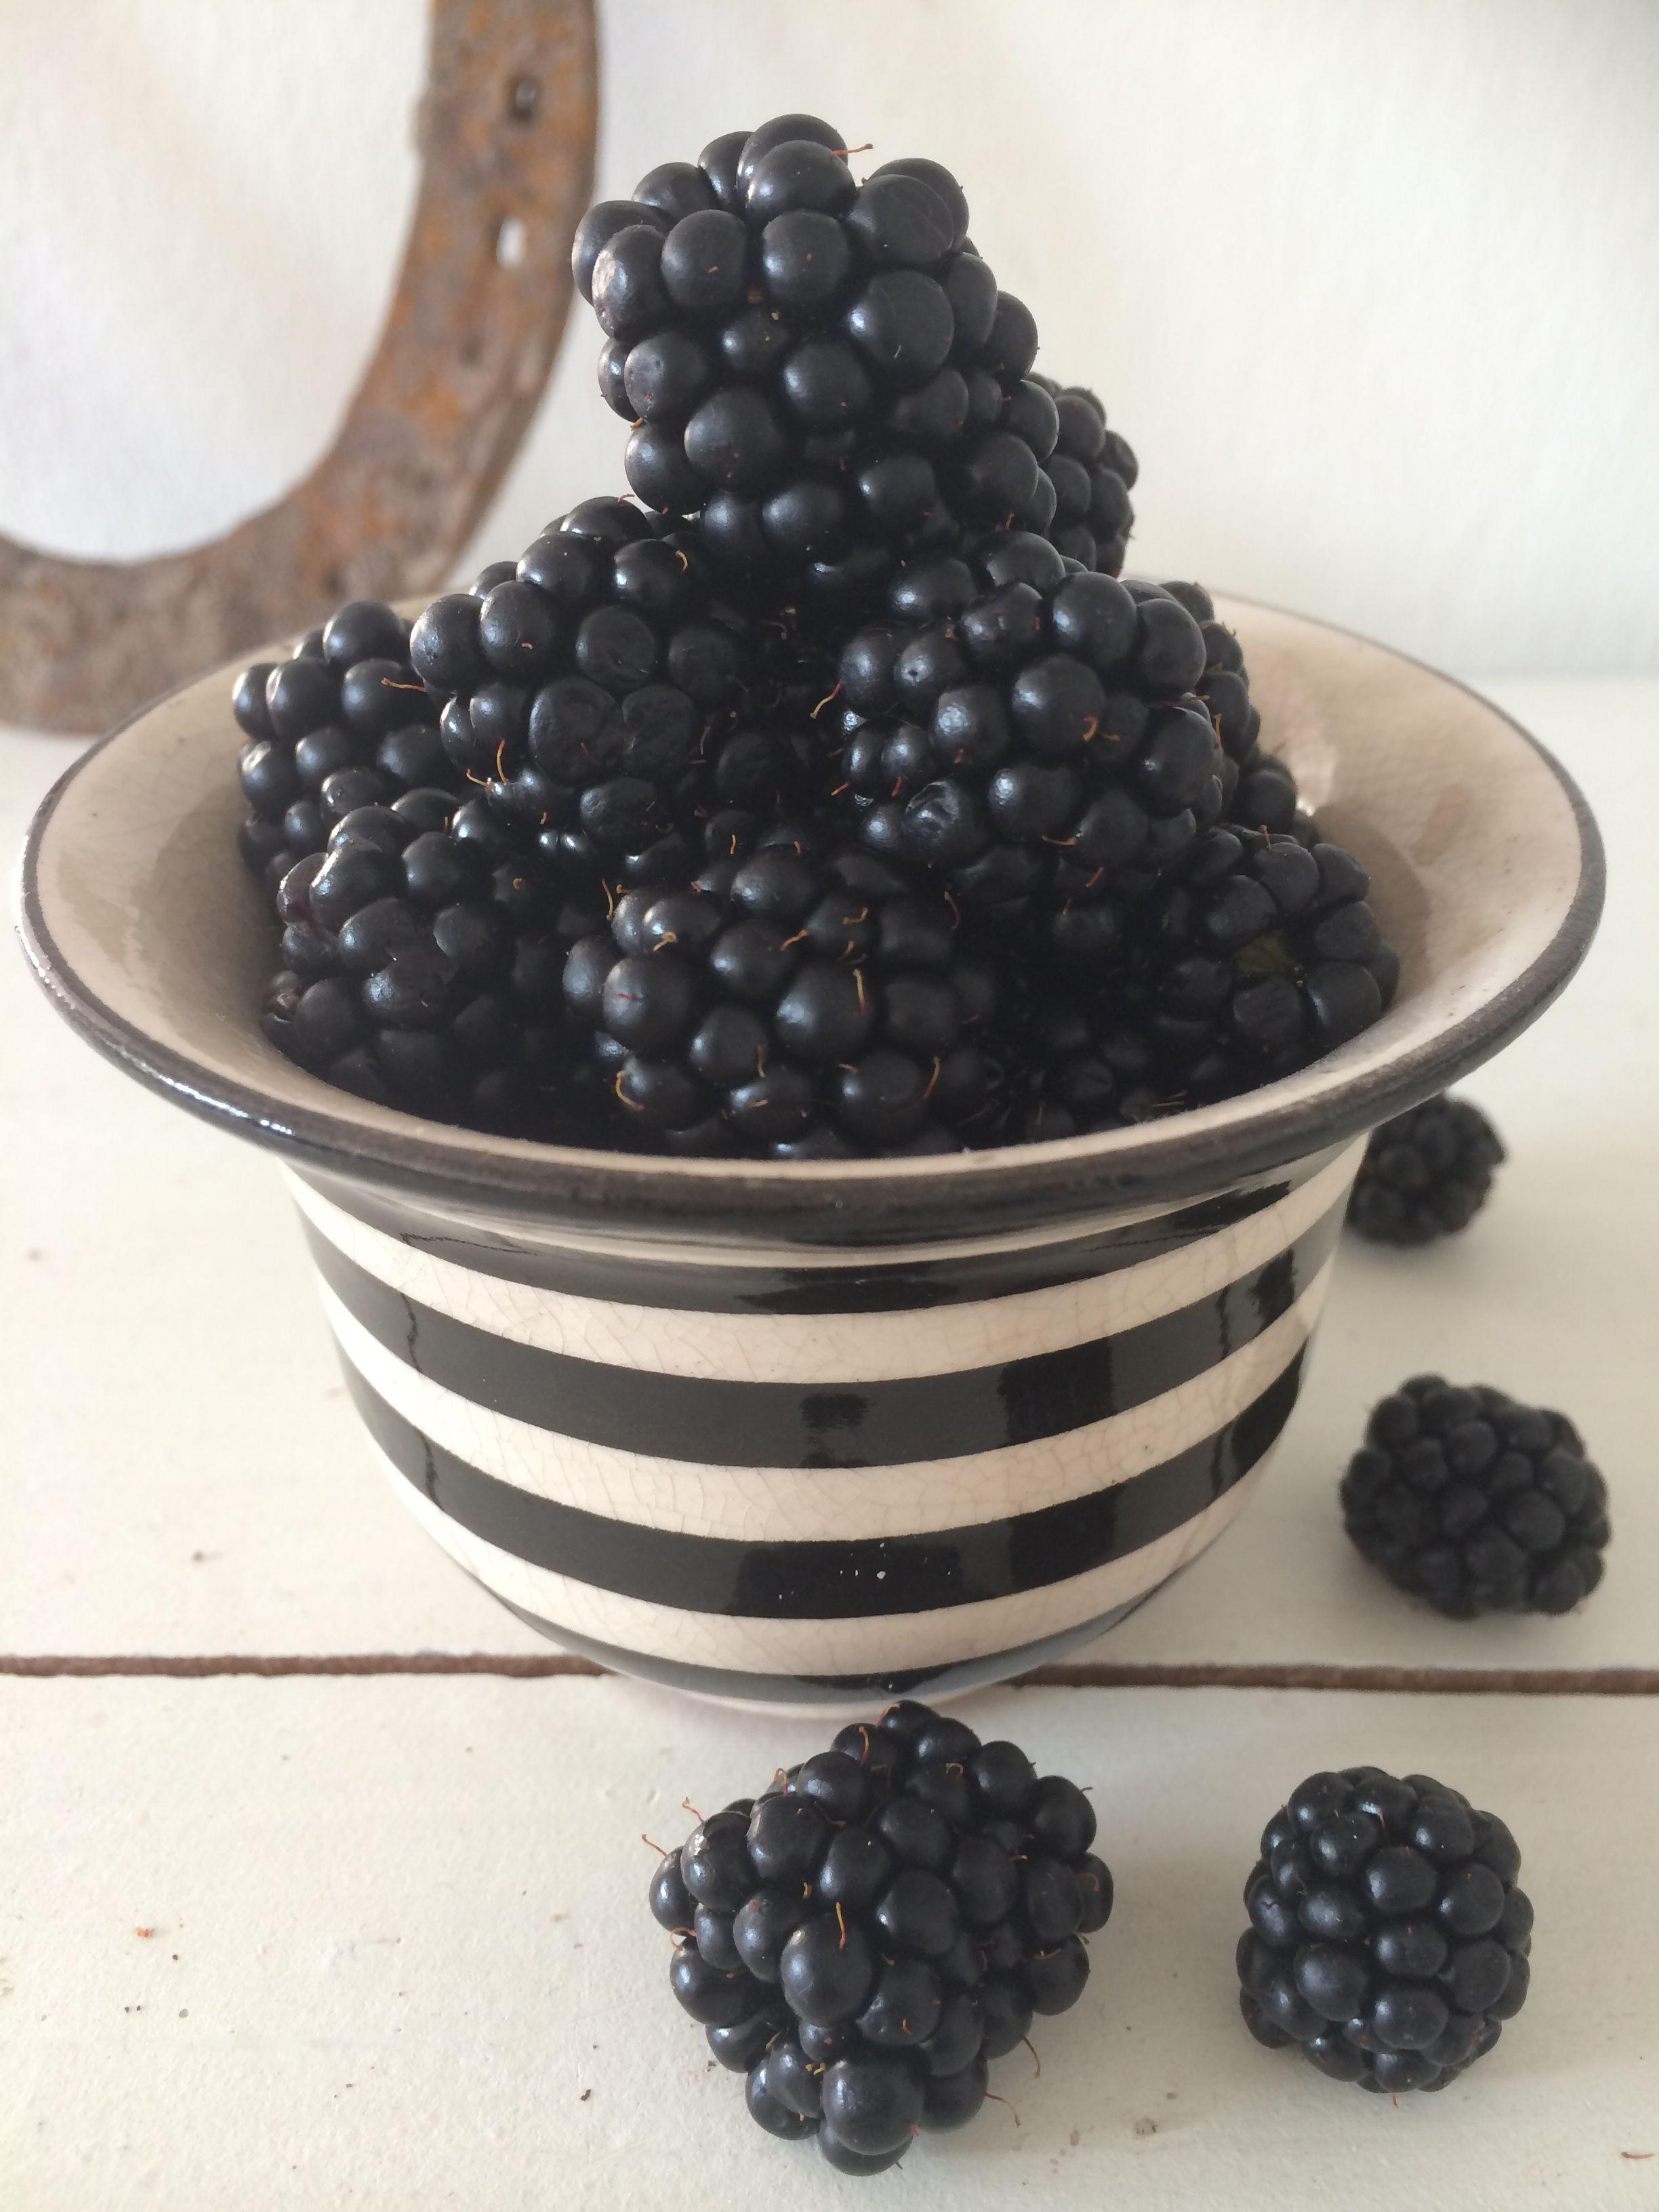 Brombeeren in einer schwarz-weißen Keramiktasse von einer bekannten skandinavischen Designerin.